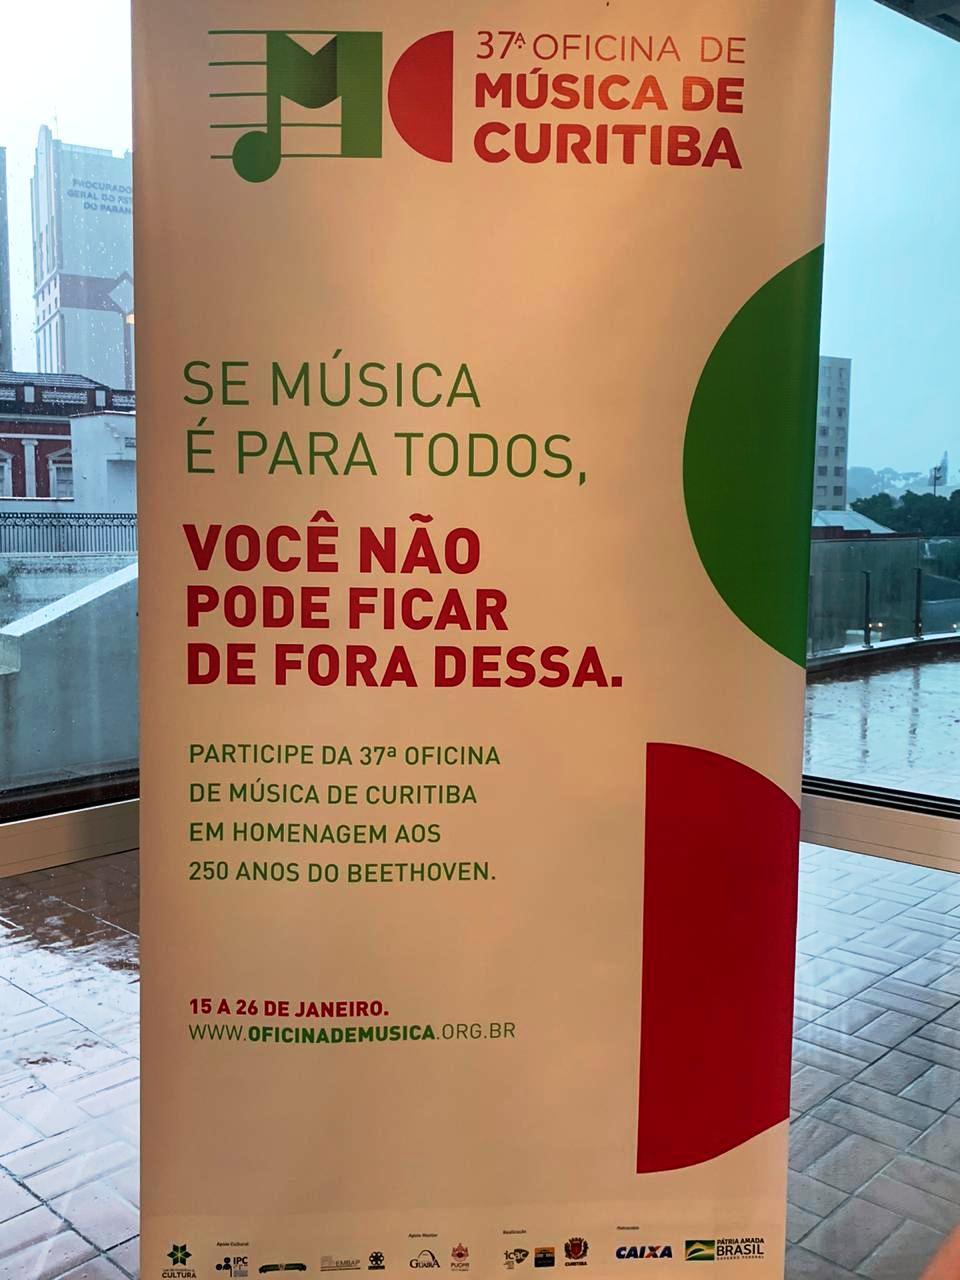 Professores da rede municipal participam da 37.ª Oficina de Música